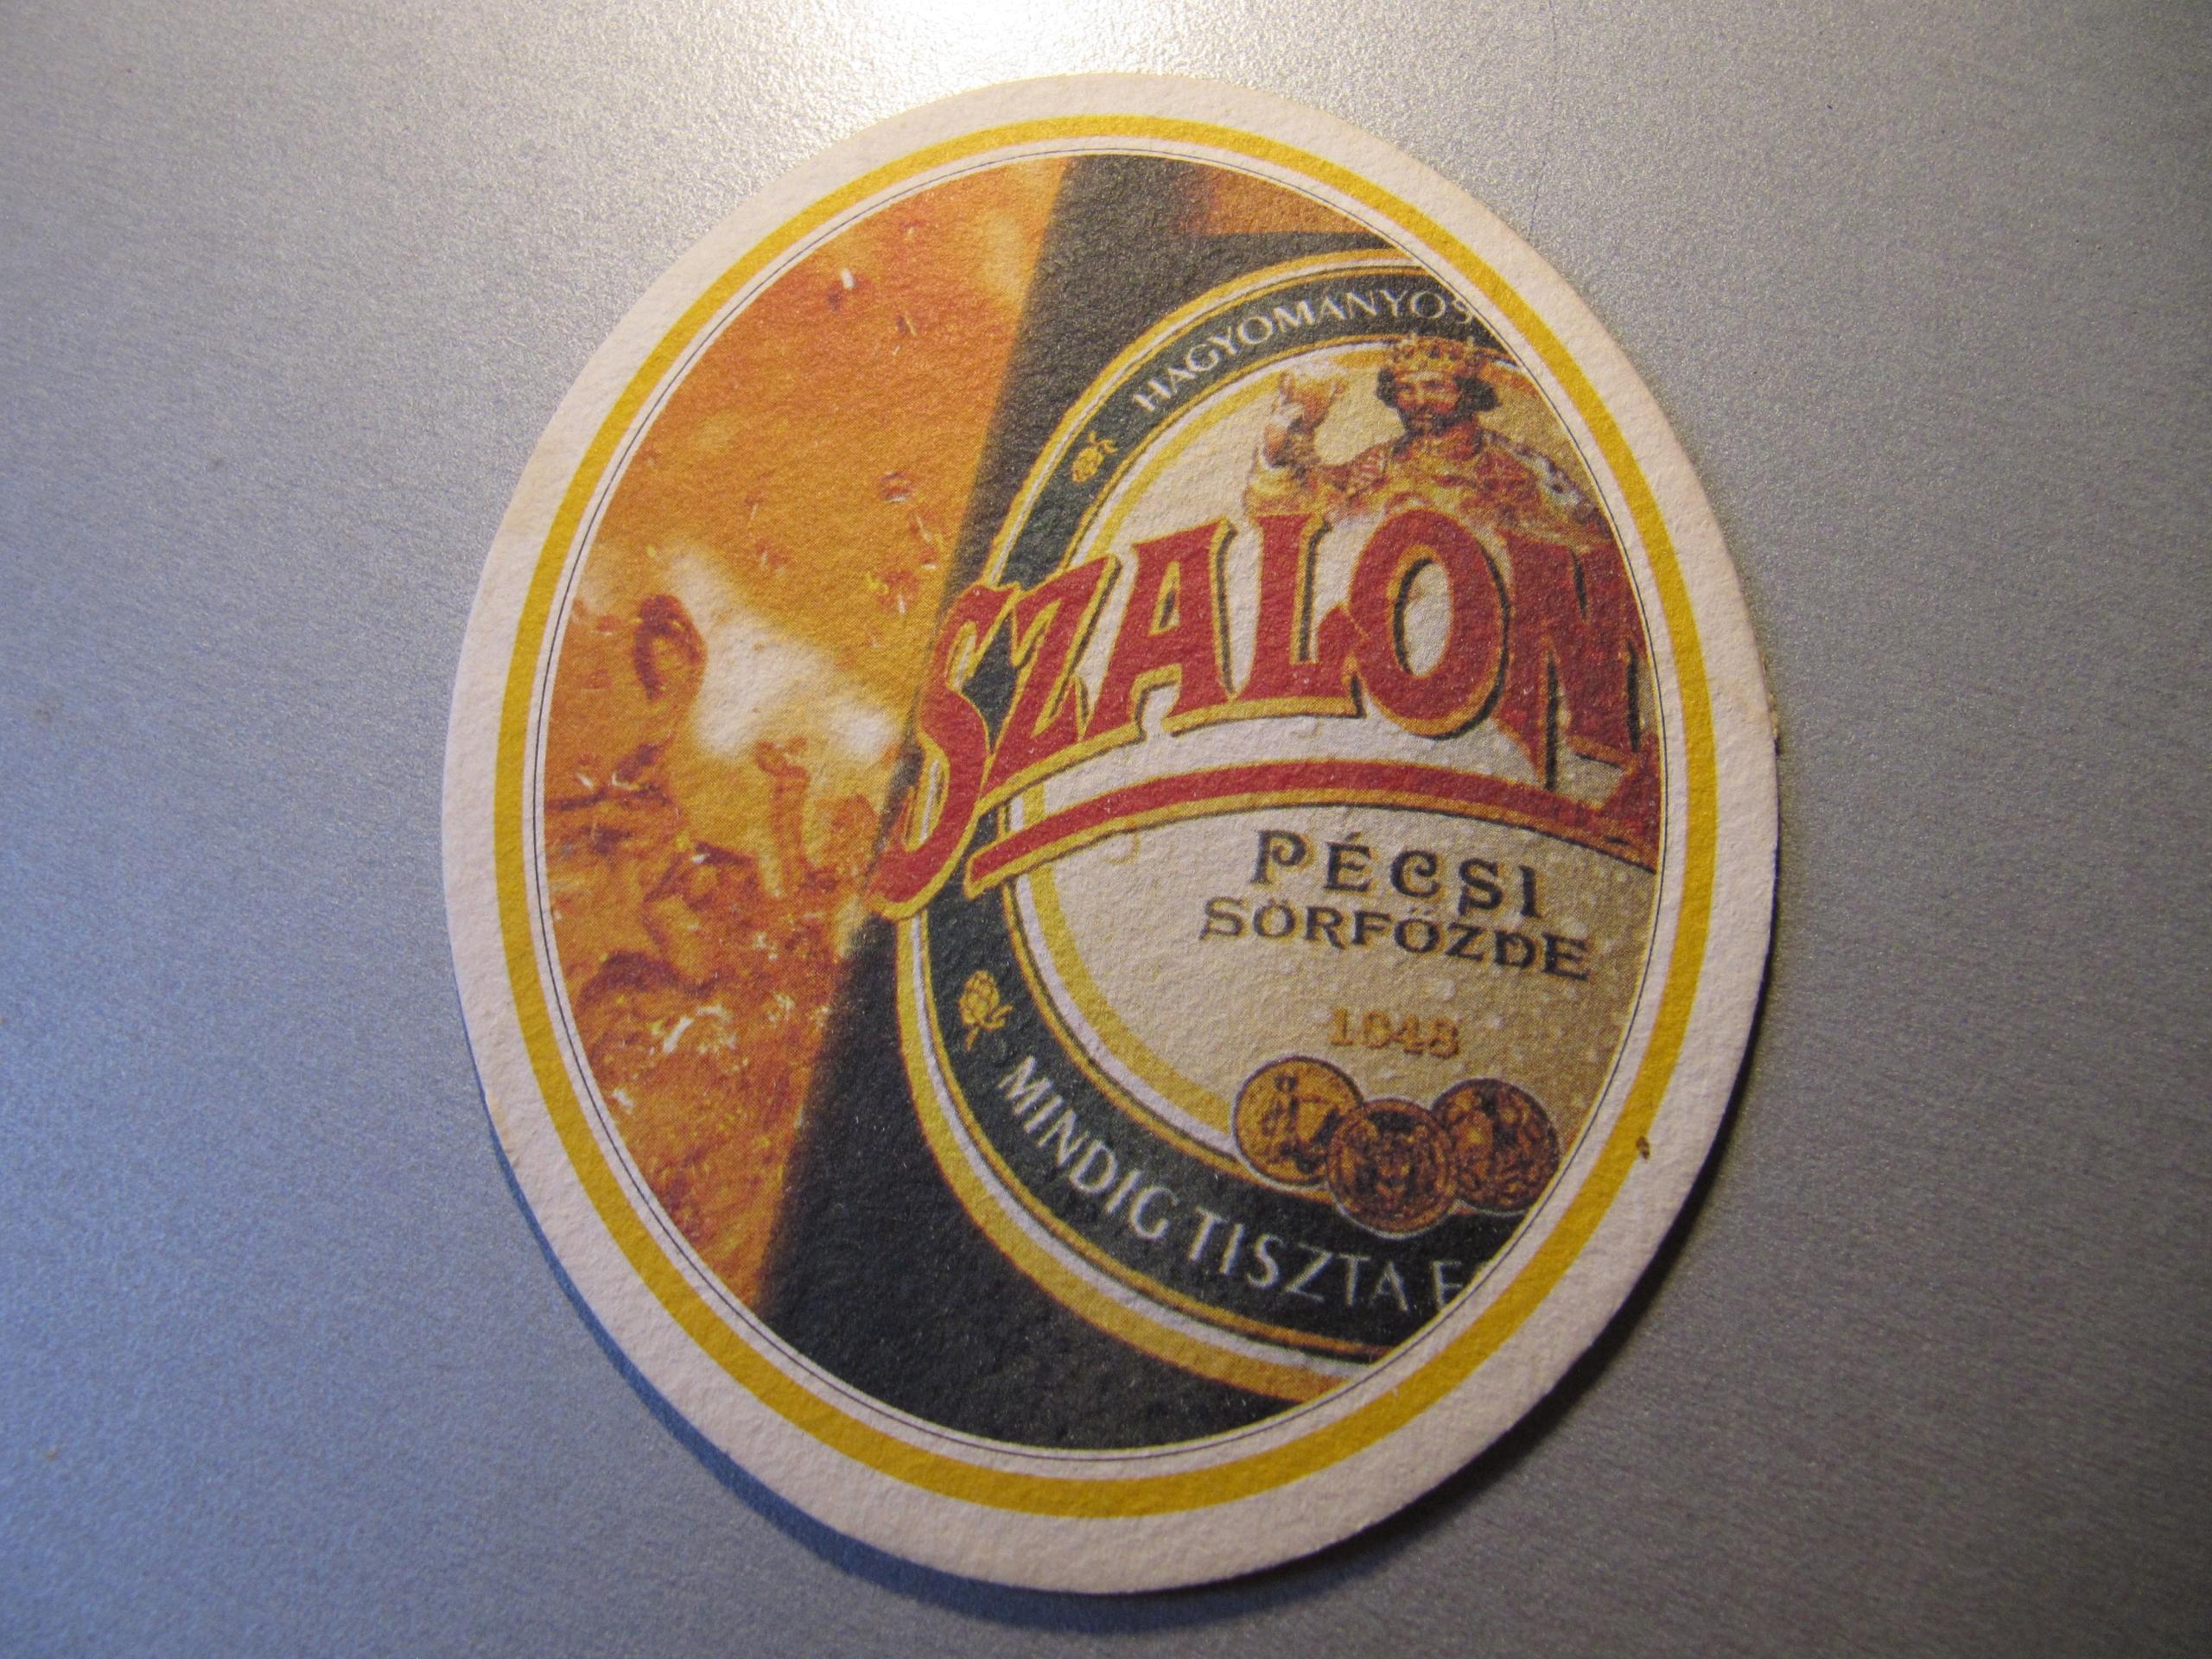 PODSTAWKA PODKŁADKA piwo SZALON Magyar 1999